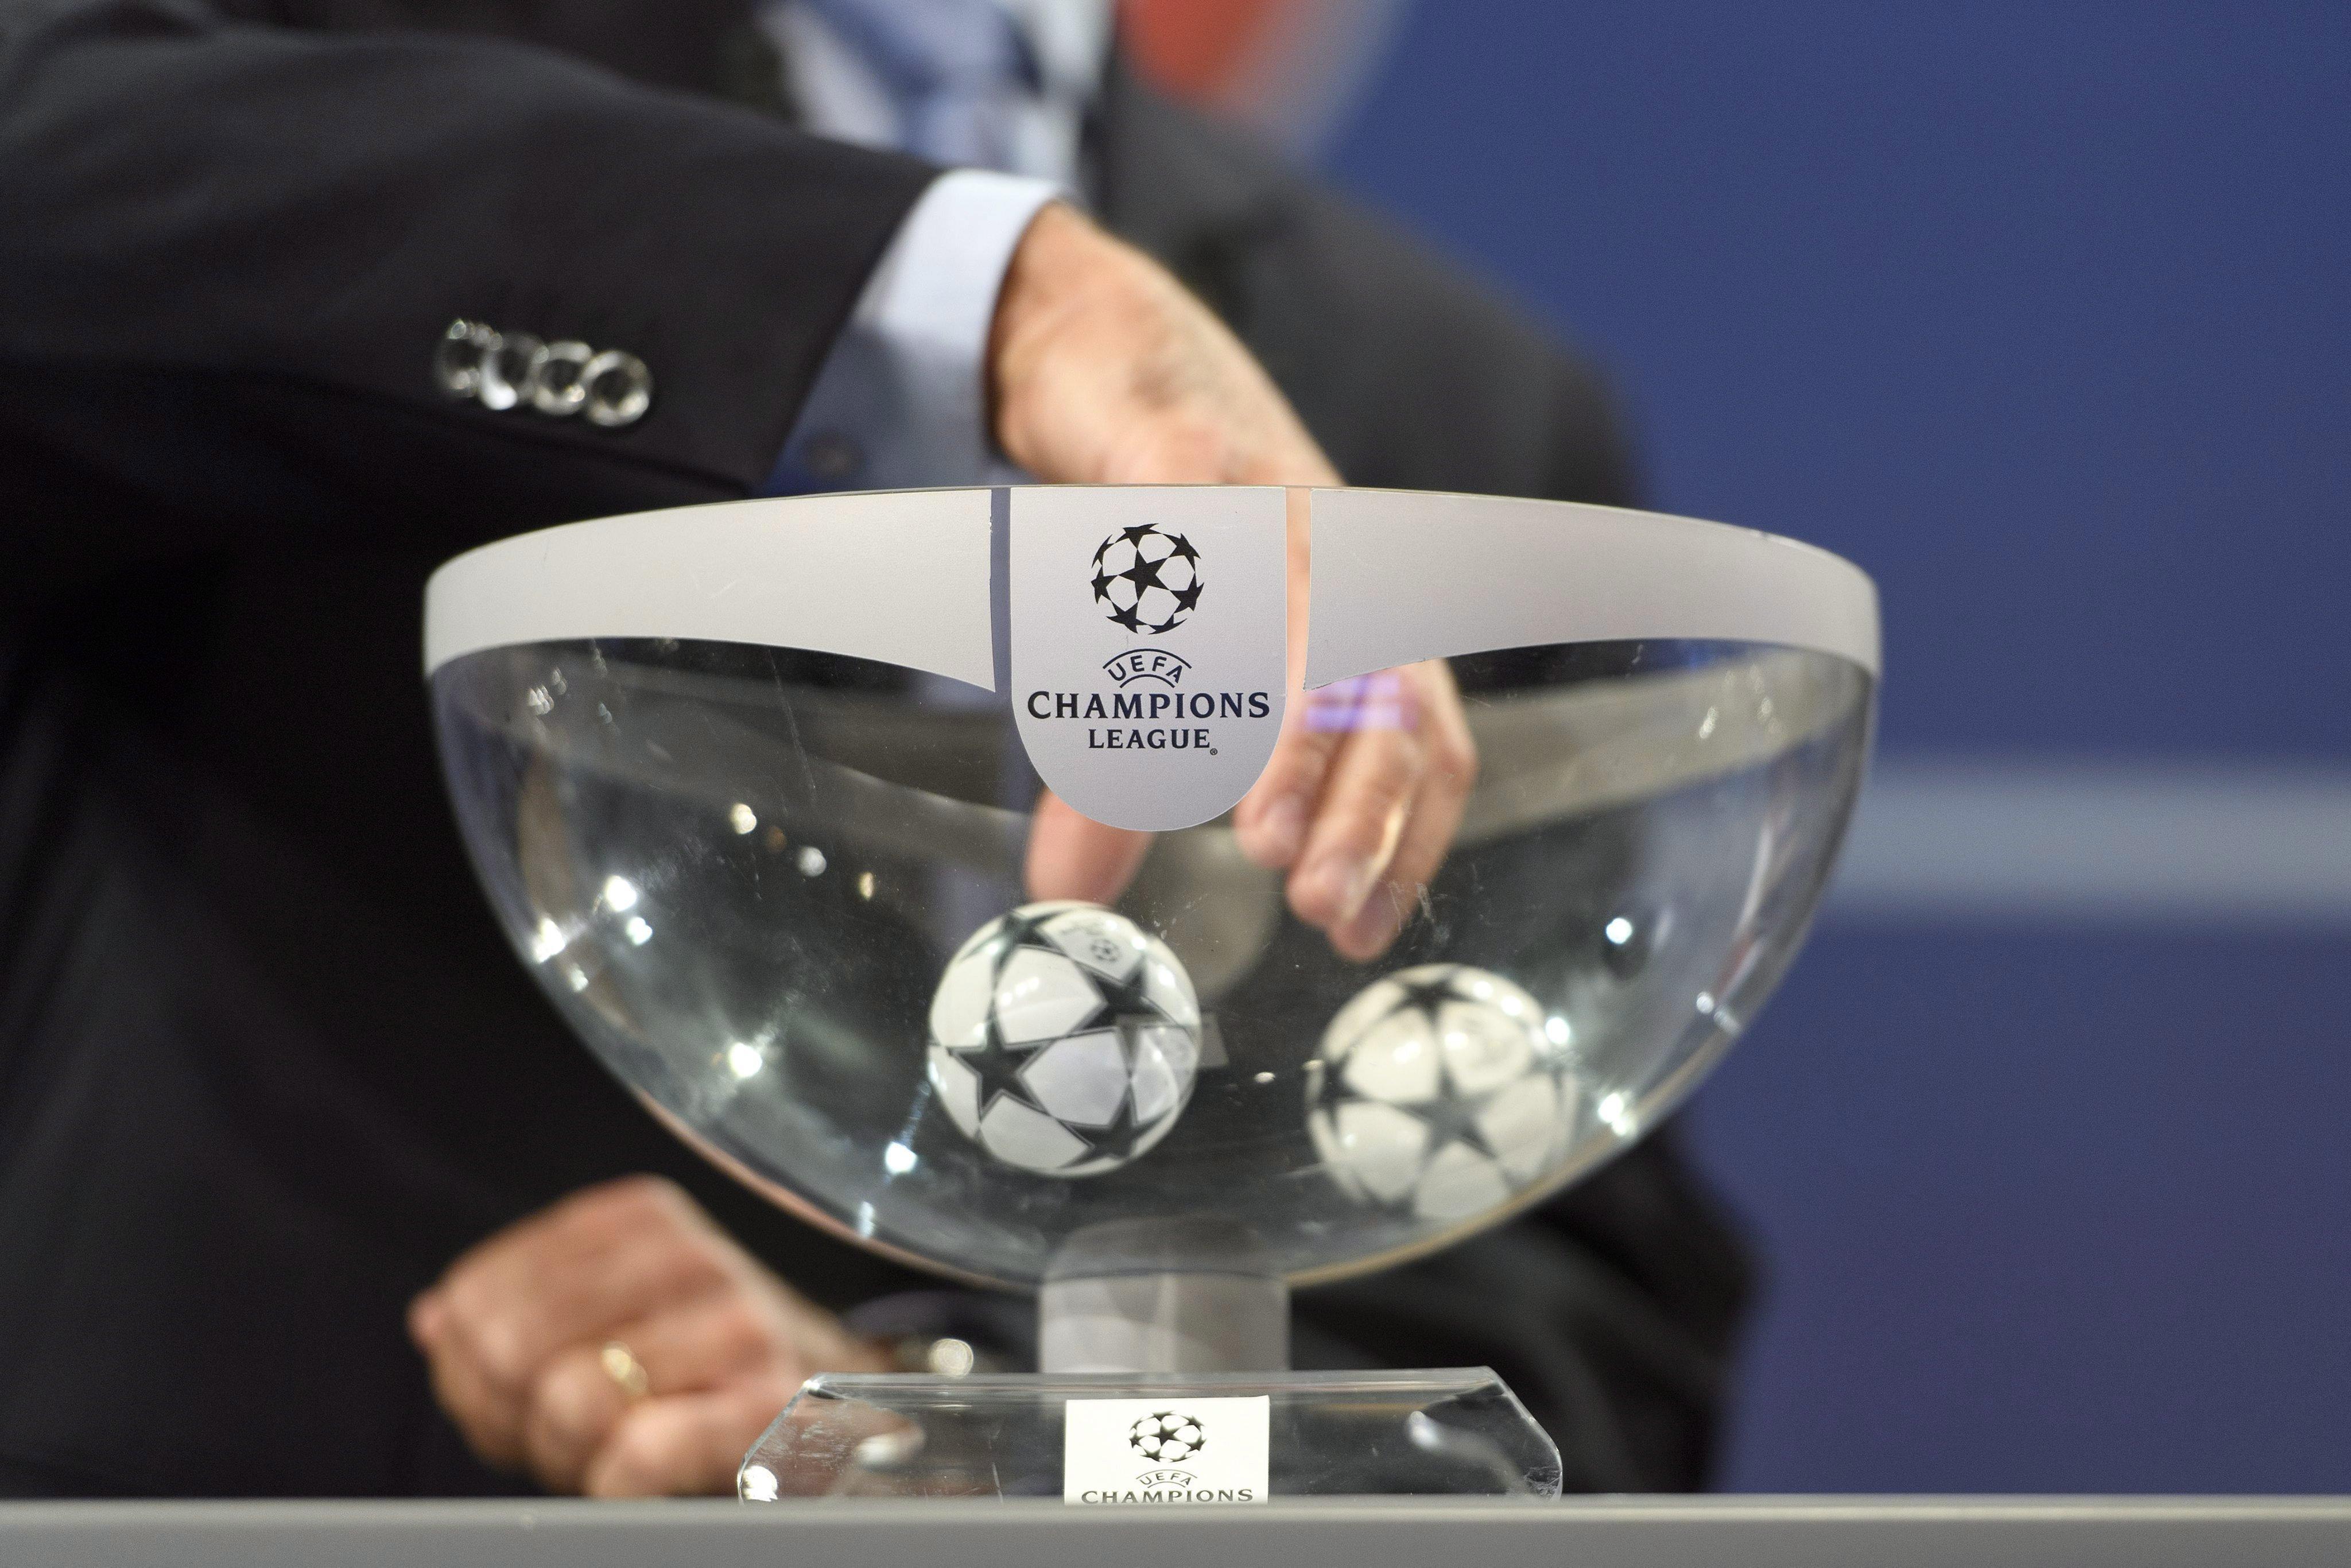 Az új menetrend bebetonozza a legjobbakat a Bajnokok Ligájába